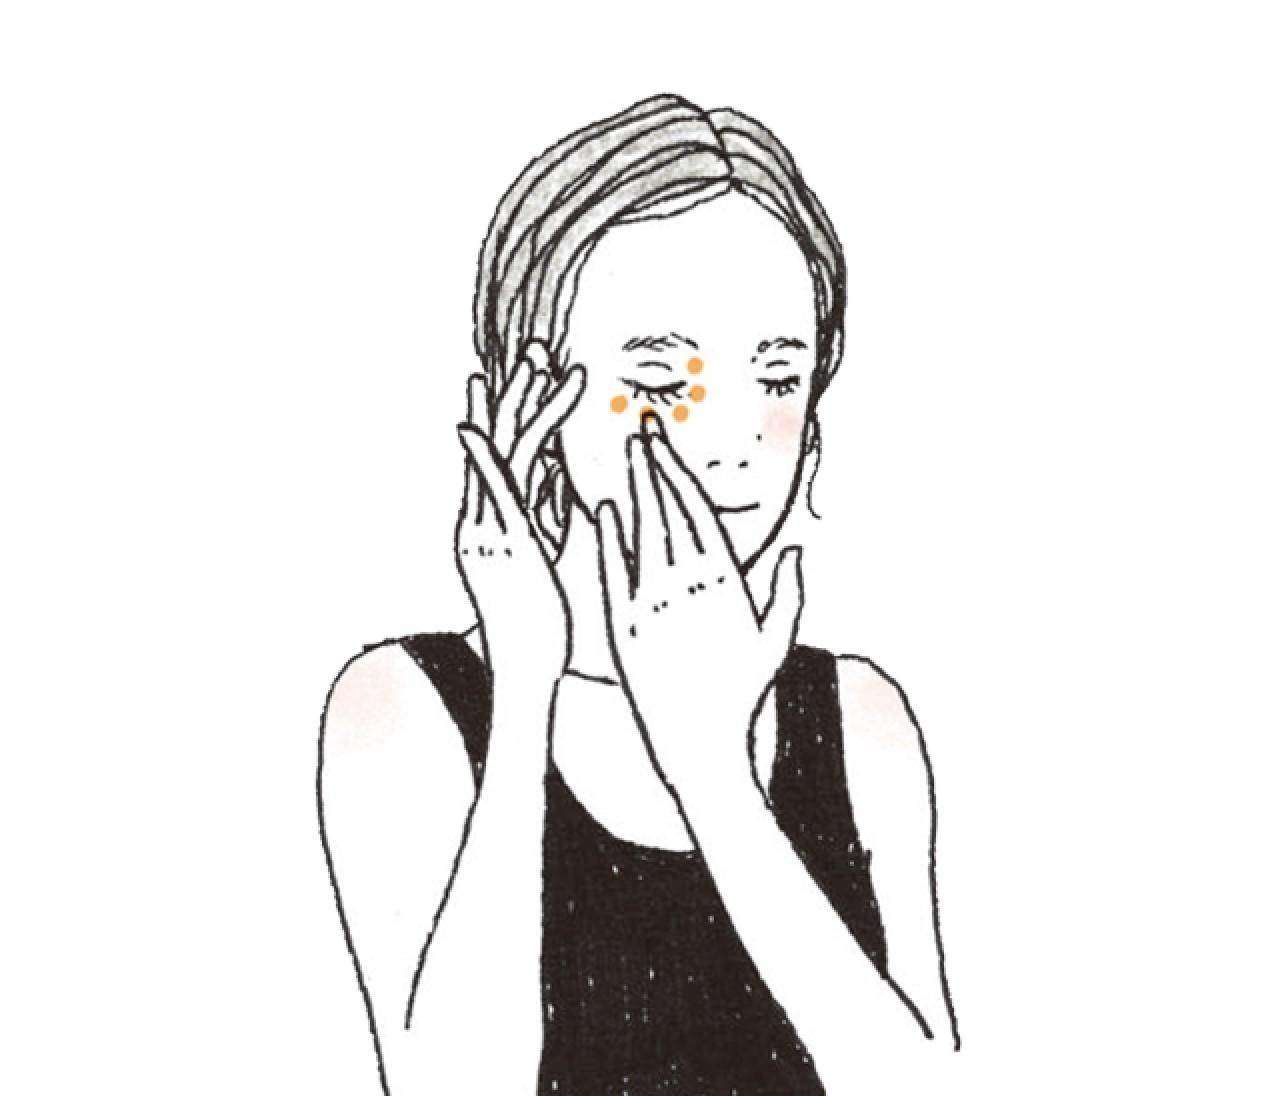 脱・顔コリで美人顔を手に入れる!【顔コリ解消マッサージまとめ】